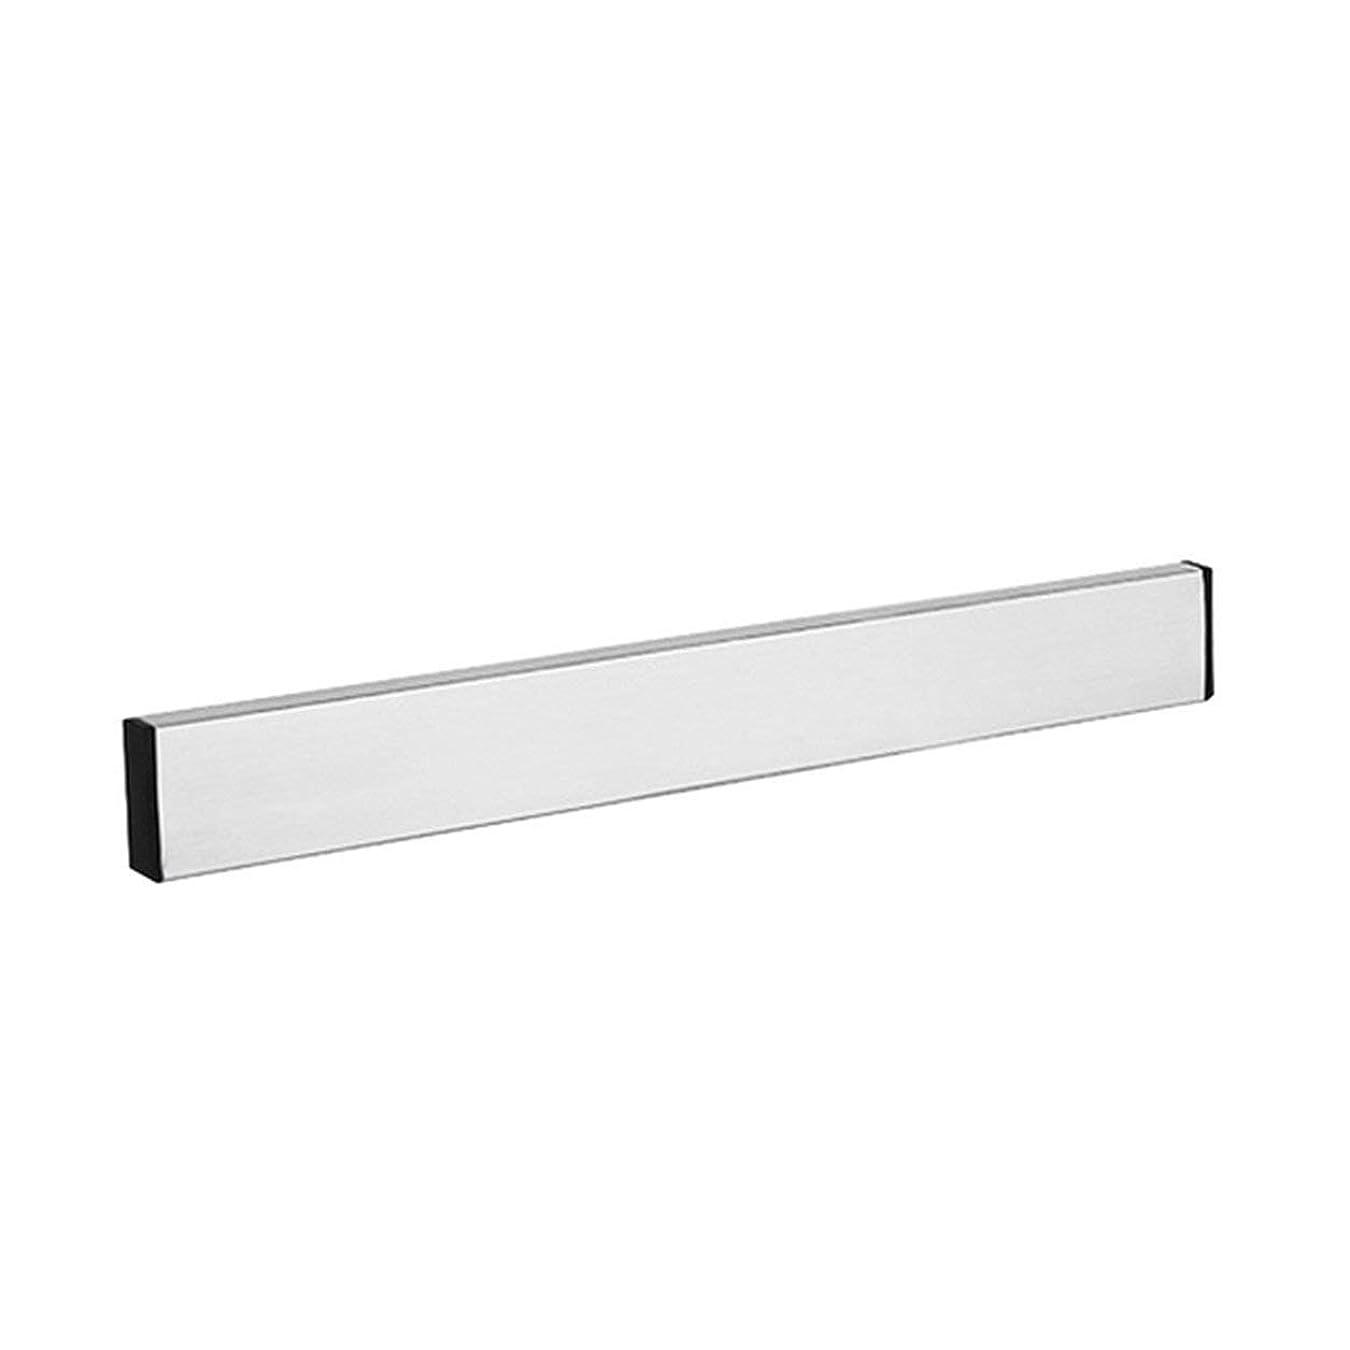 芸術成熟したシルクSaikogoods キッチン用具用の磁気ブロック 壁掛け自己接着ナイフホルダー ステンレススチール 簡単に保存 ナイフラック ストリップ 銀